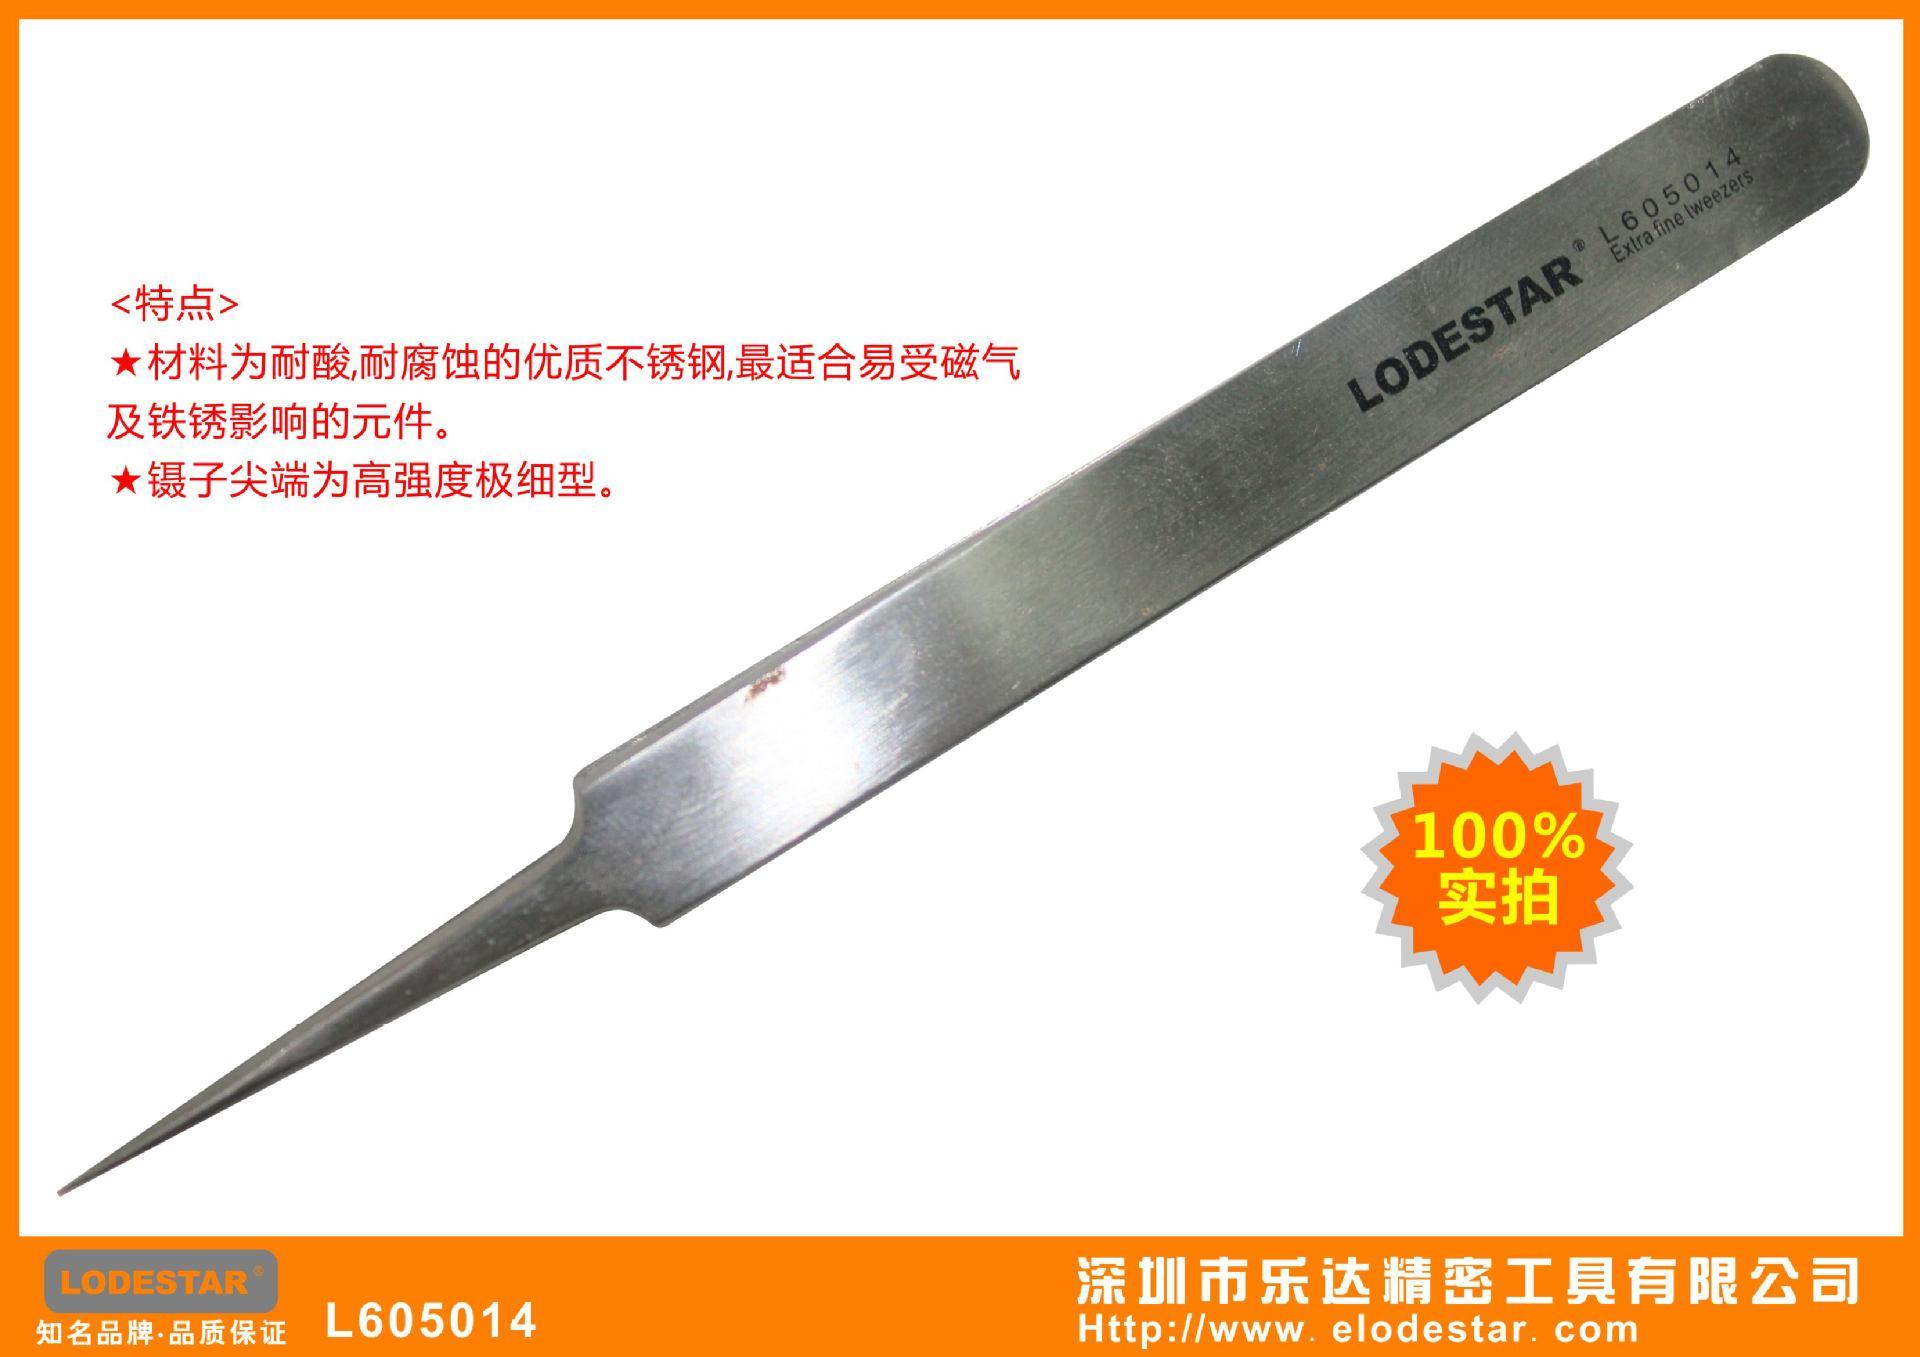 乐达 L605014 加硬镊子圆型 不锈钢防腐蚀尖头镊子